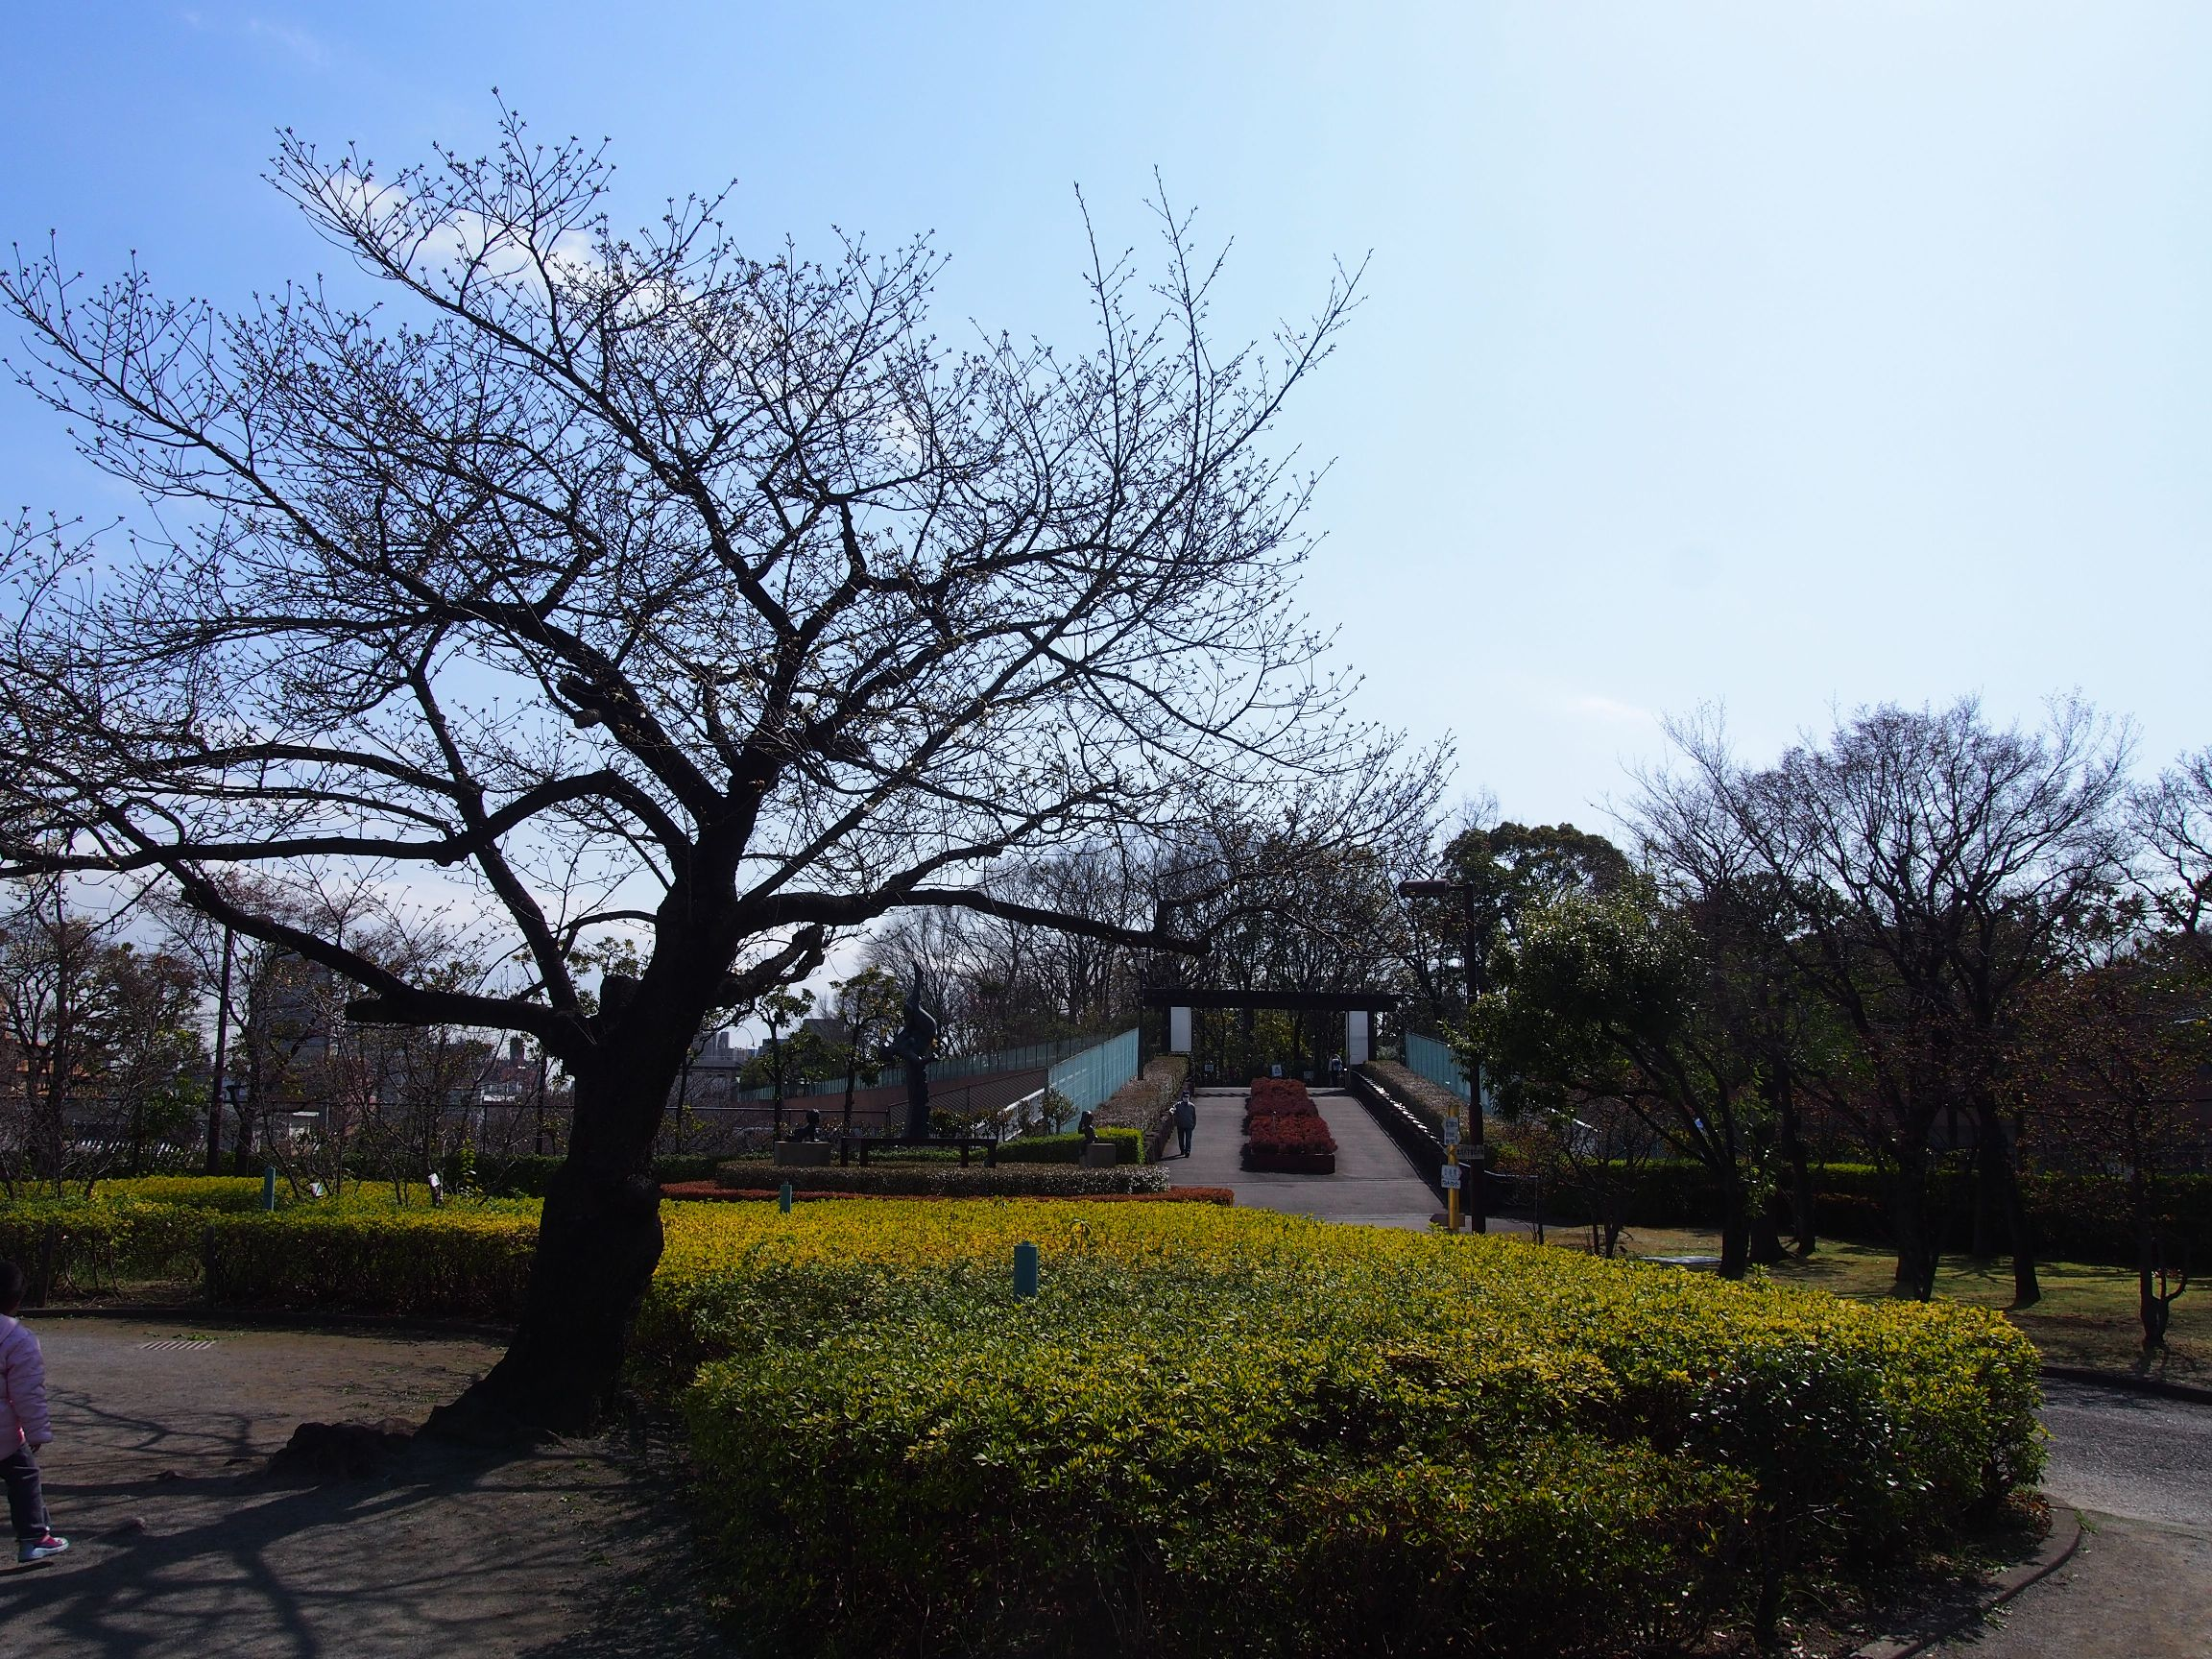 160326オオシマザクラ(児童遊園) (3)